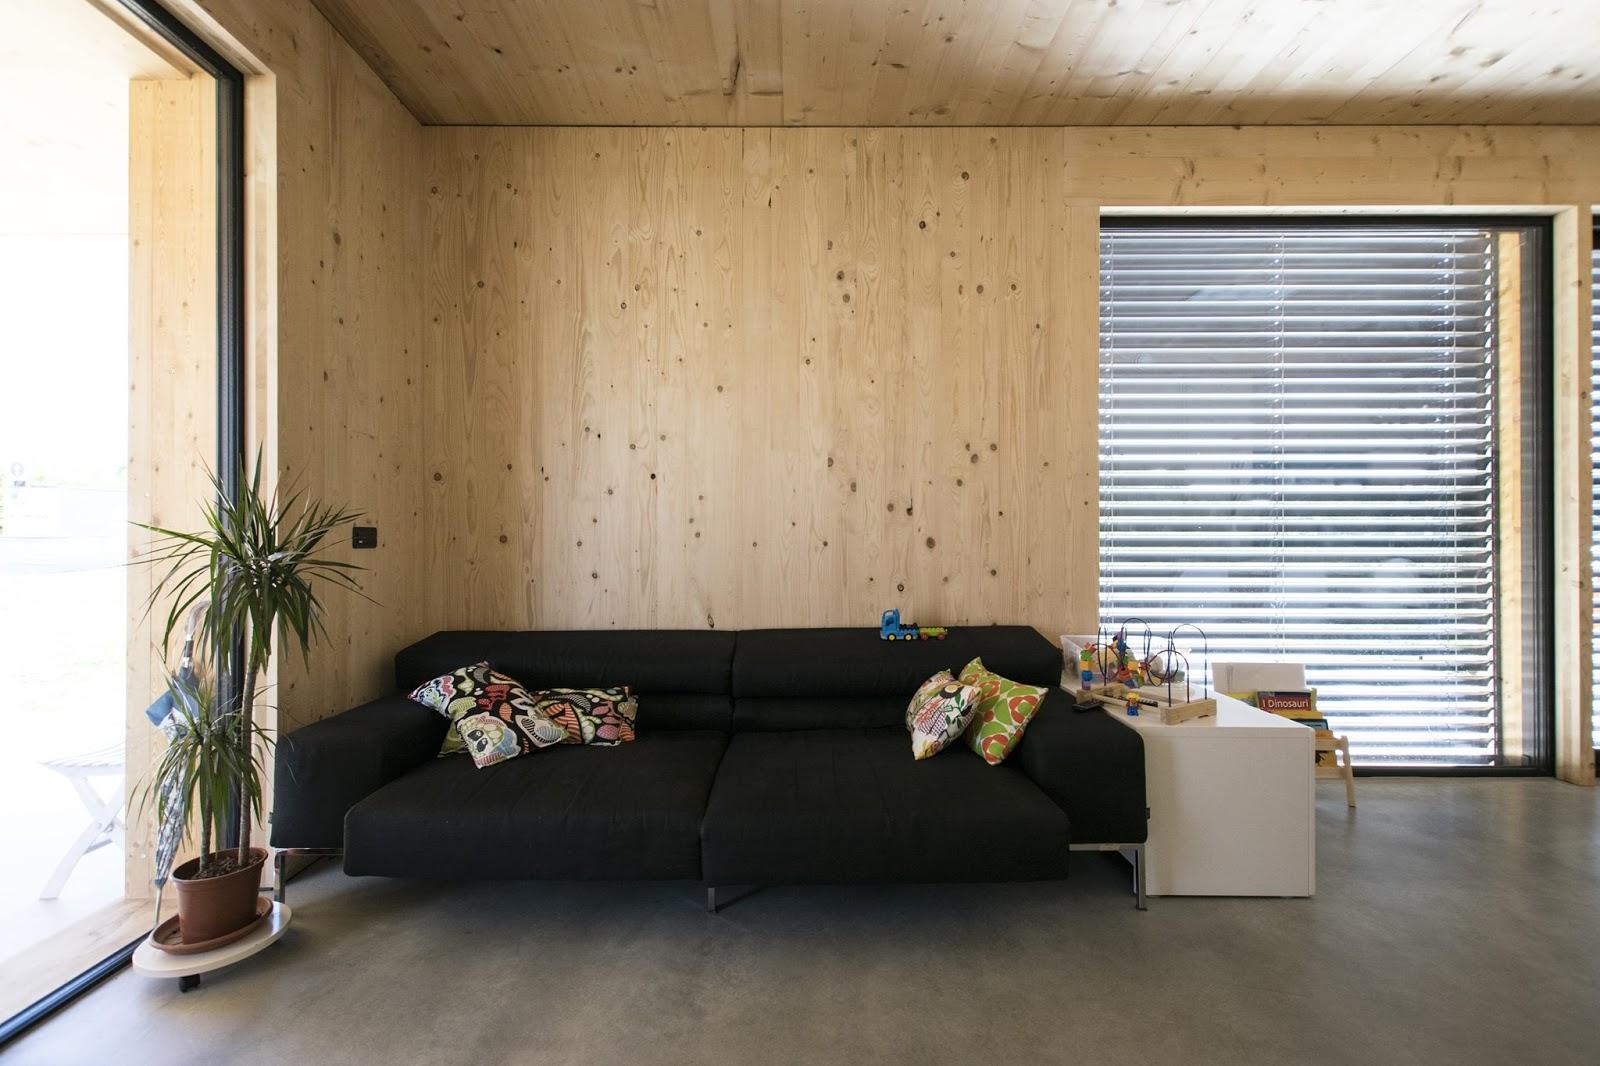 Facile Ristrutturare Opinioni Architetti intervista architetto marcio tolotti - studio di